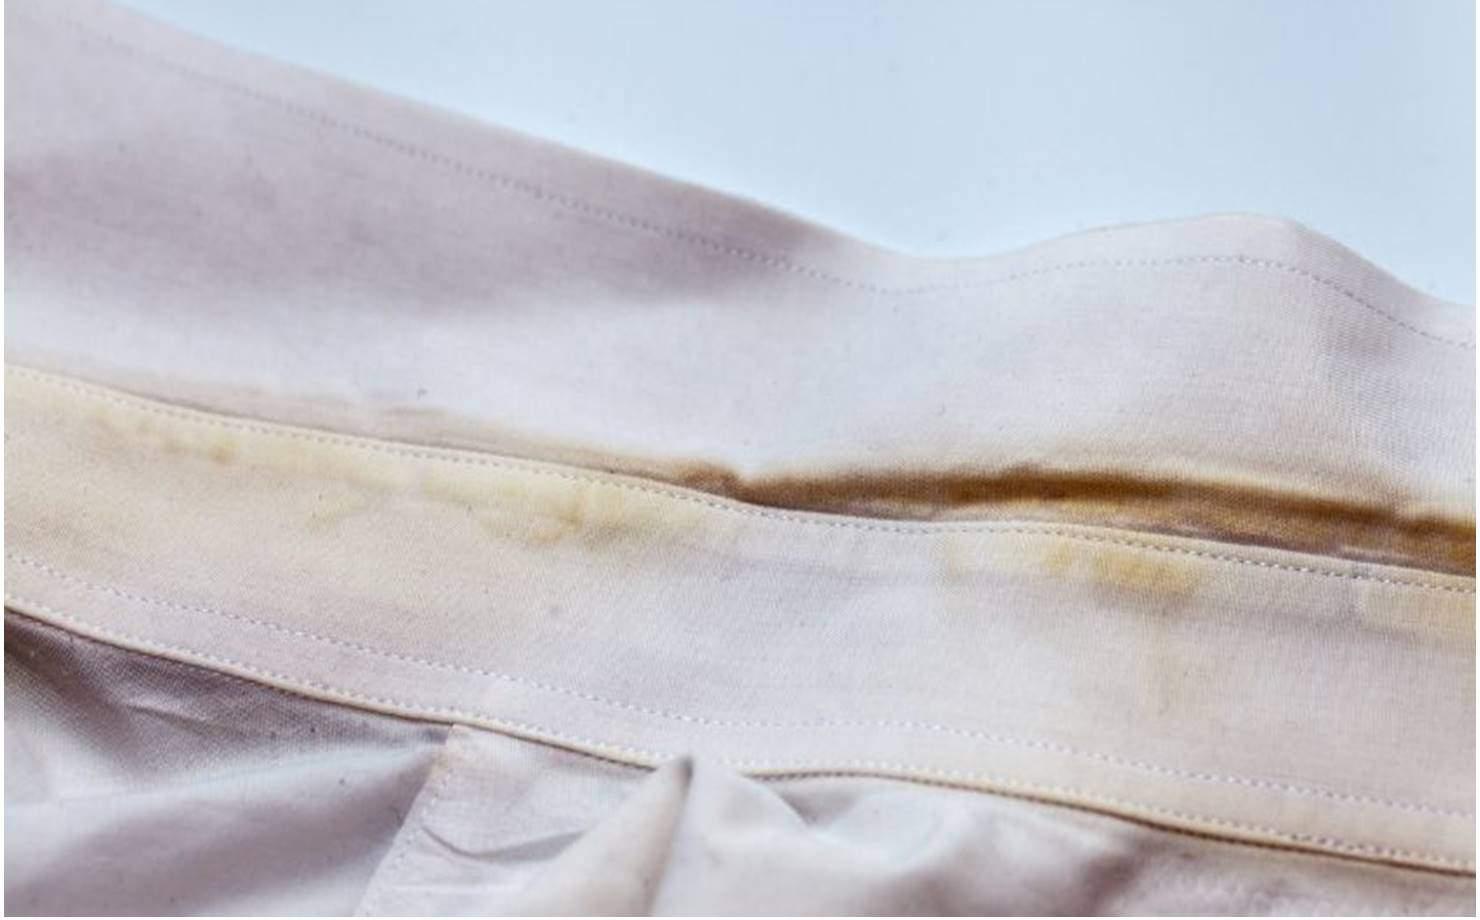 Dicas para limpar o colarinho da camisa e remover toda sujeira